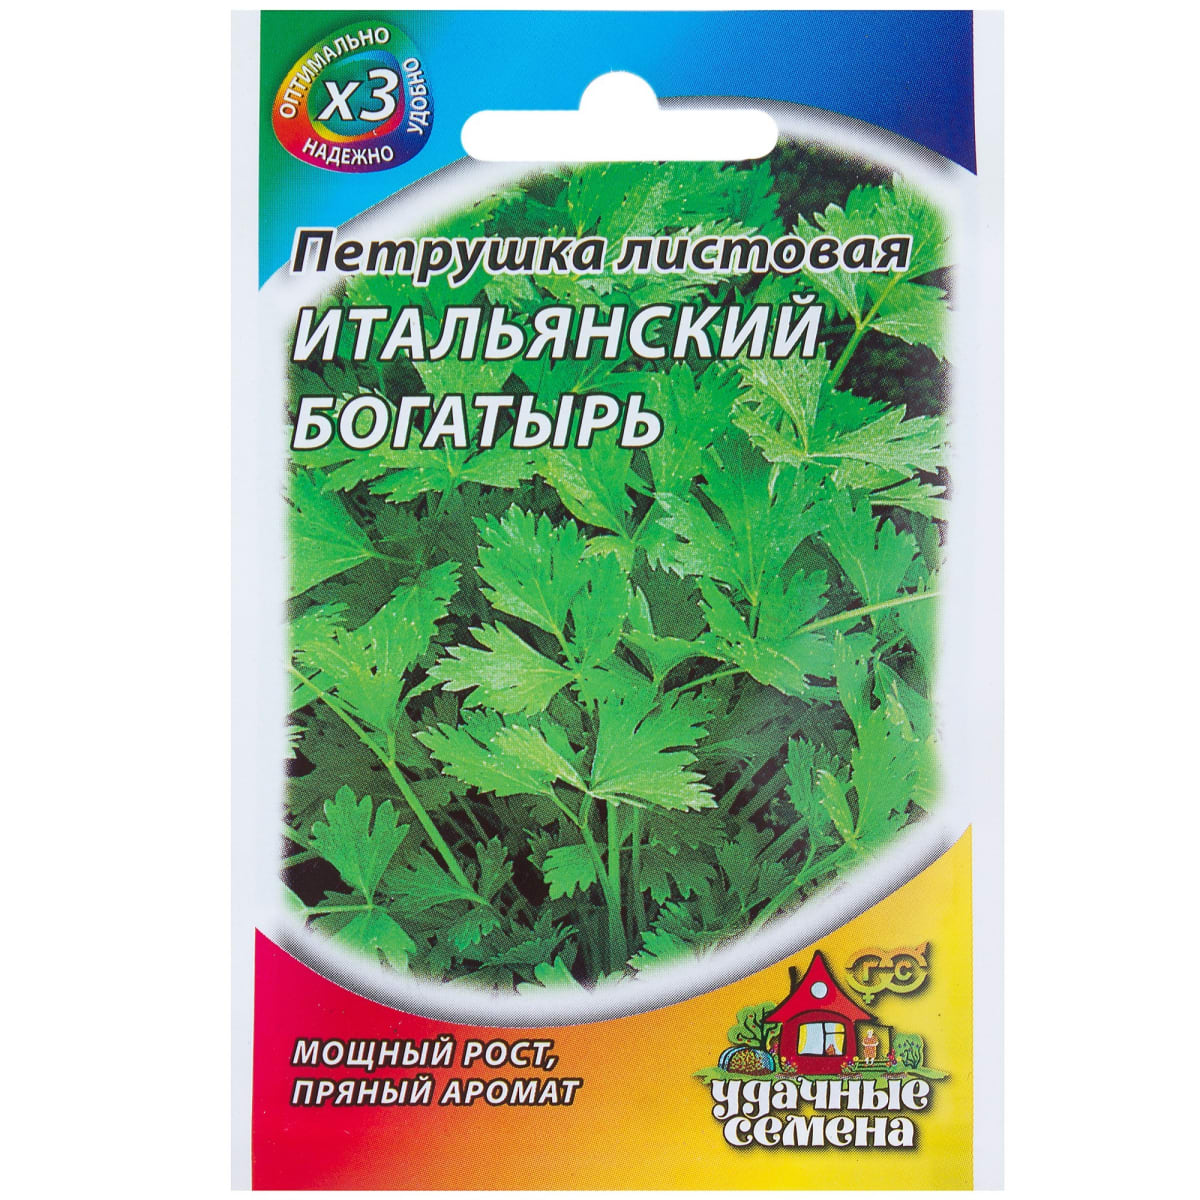 Конопляное семян купить в ростове марихуану легализовали